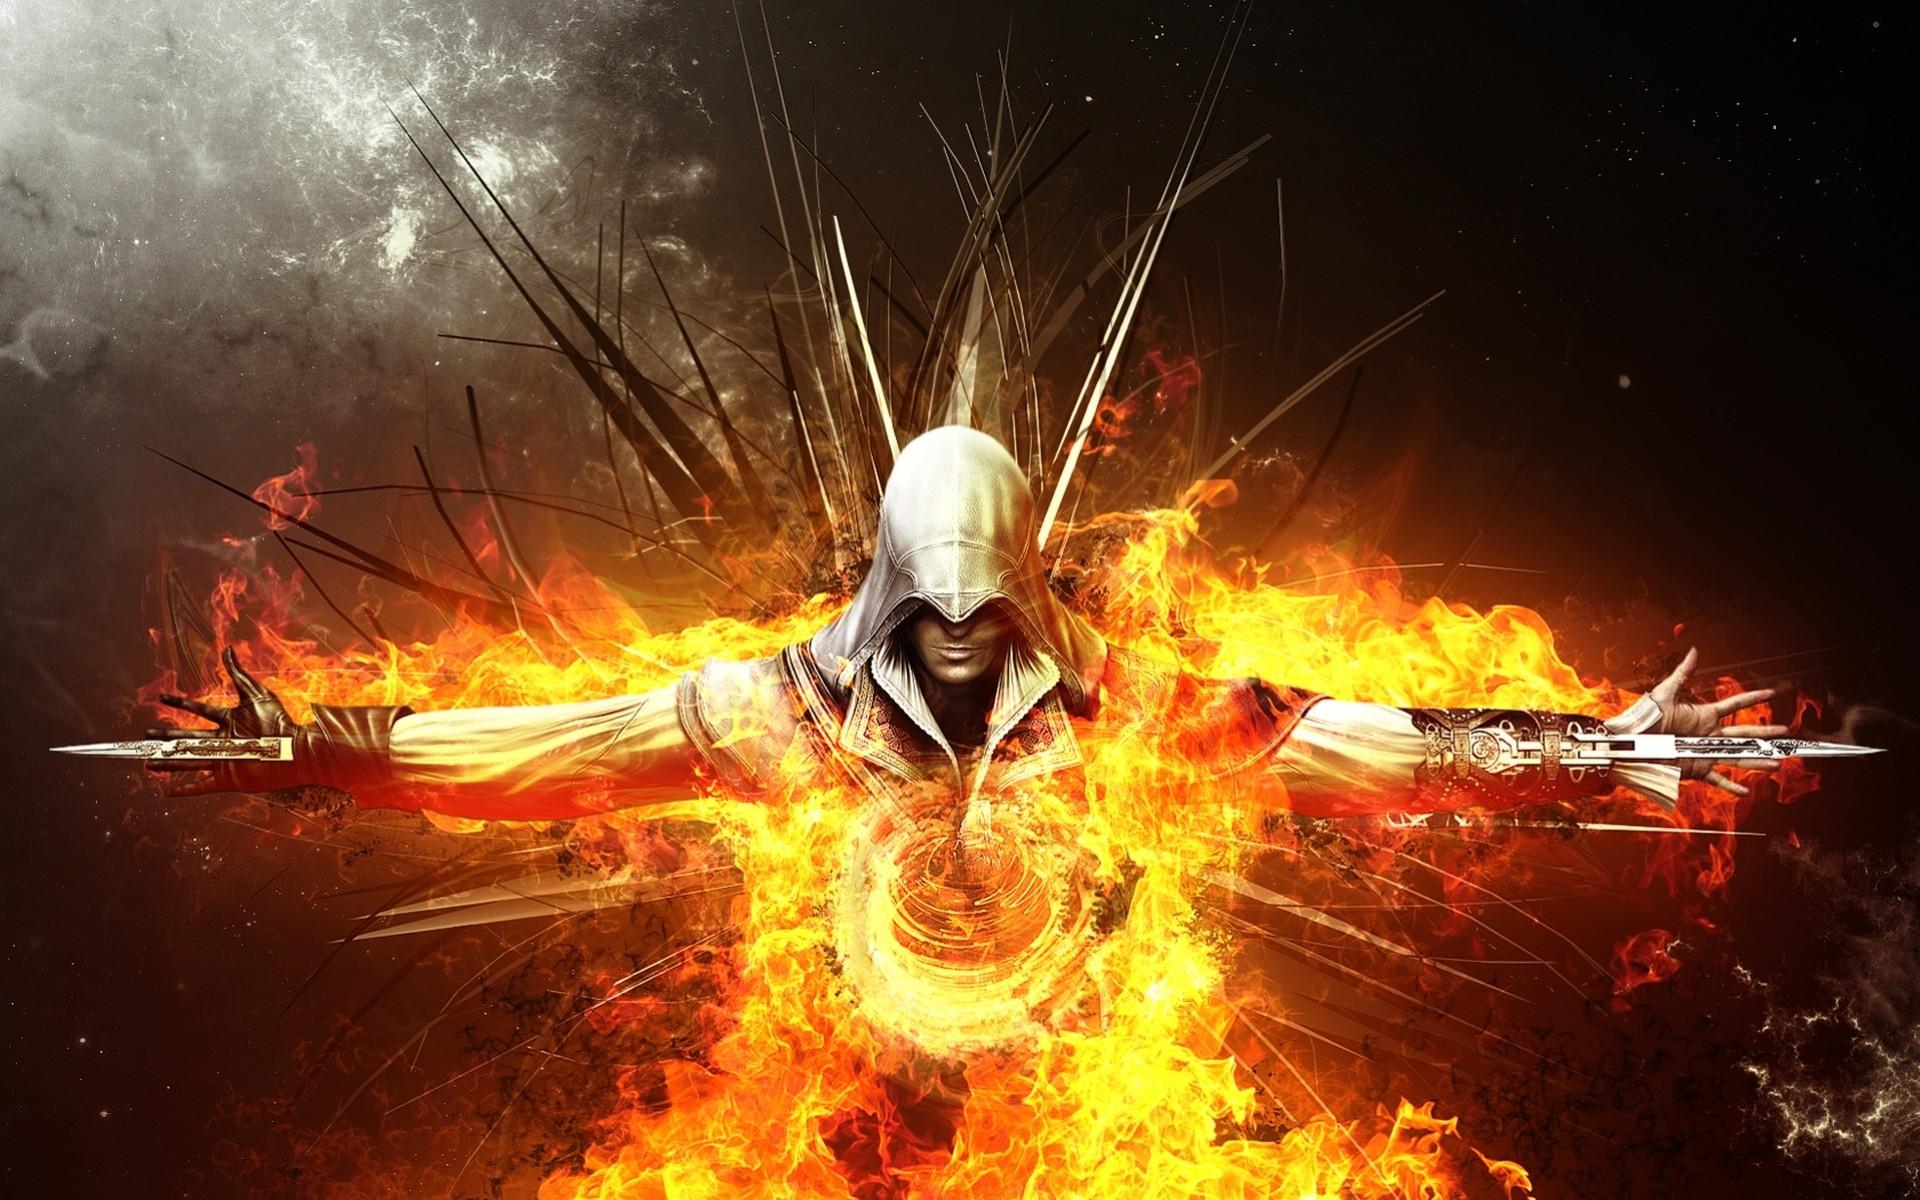 Мжчина с окровавленным мечем в огне  № 1840921 без смс